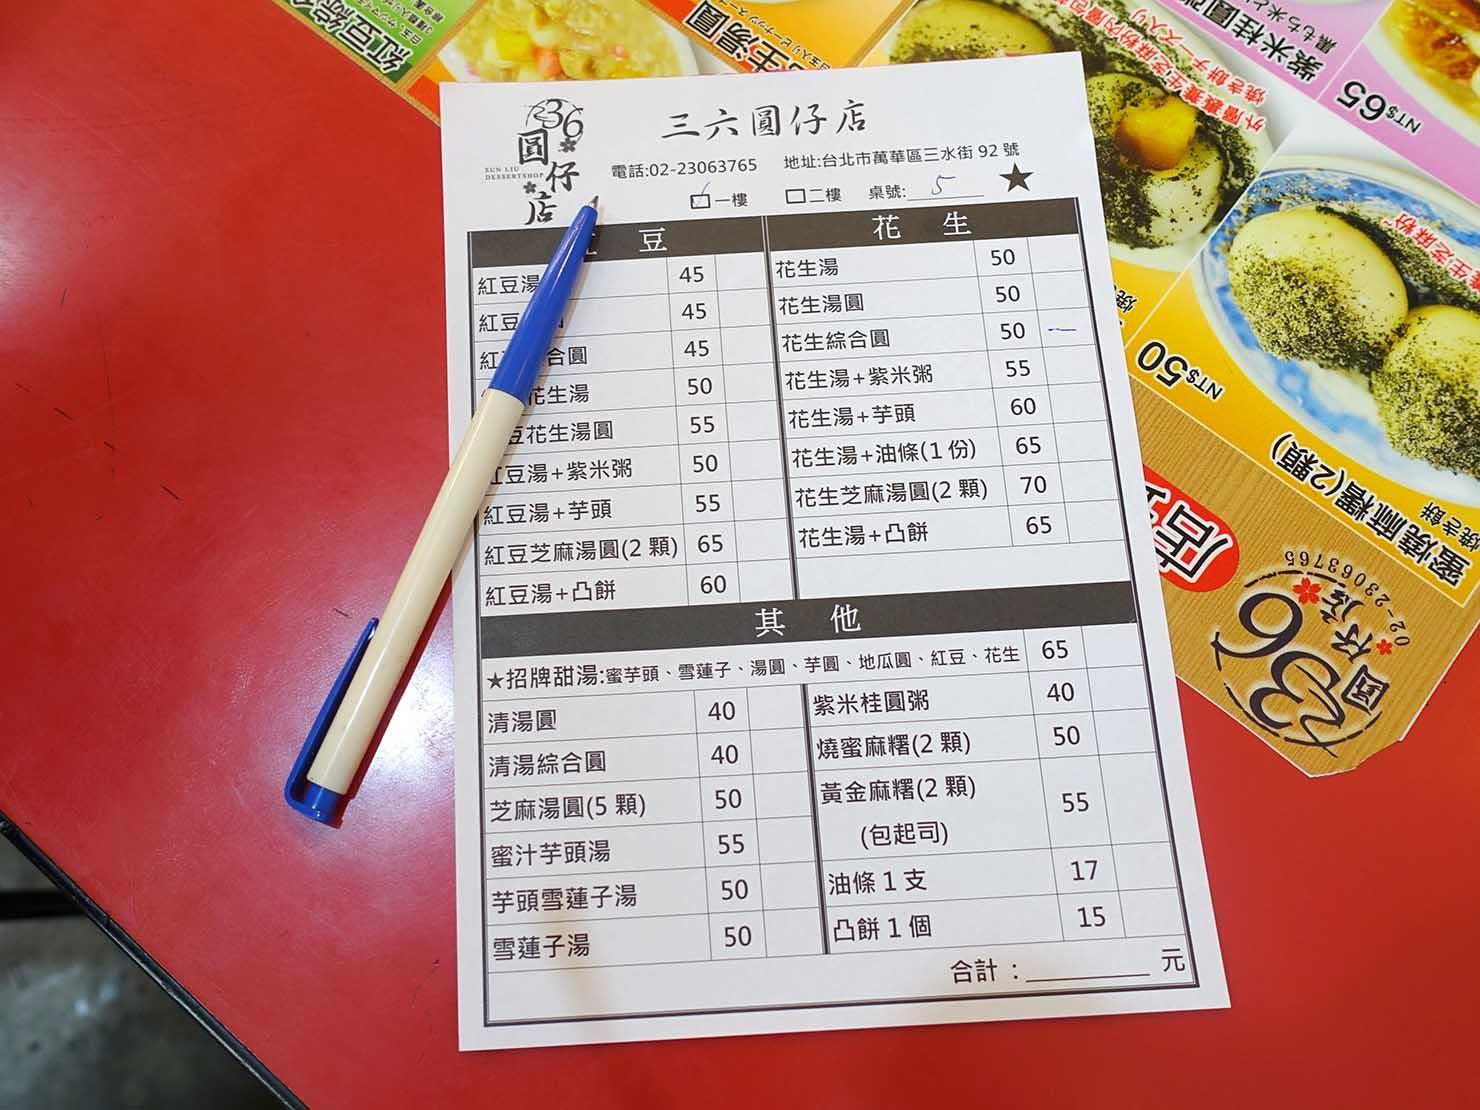 台北・龍山寺エリアのおすすめグルメ店「三六圓仔店」のオーダー表